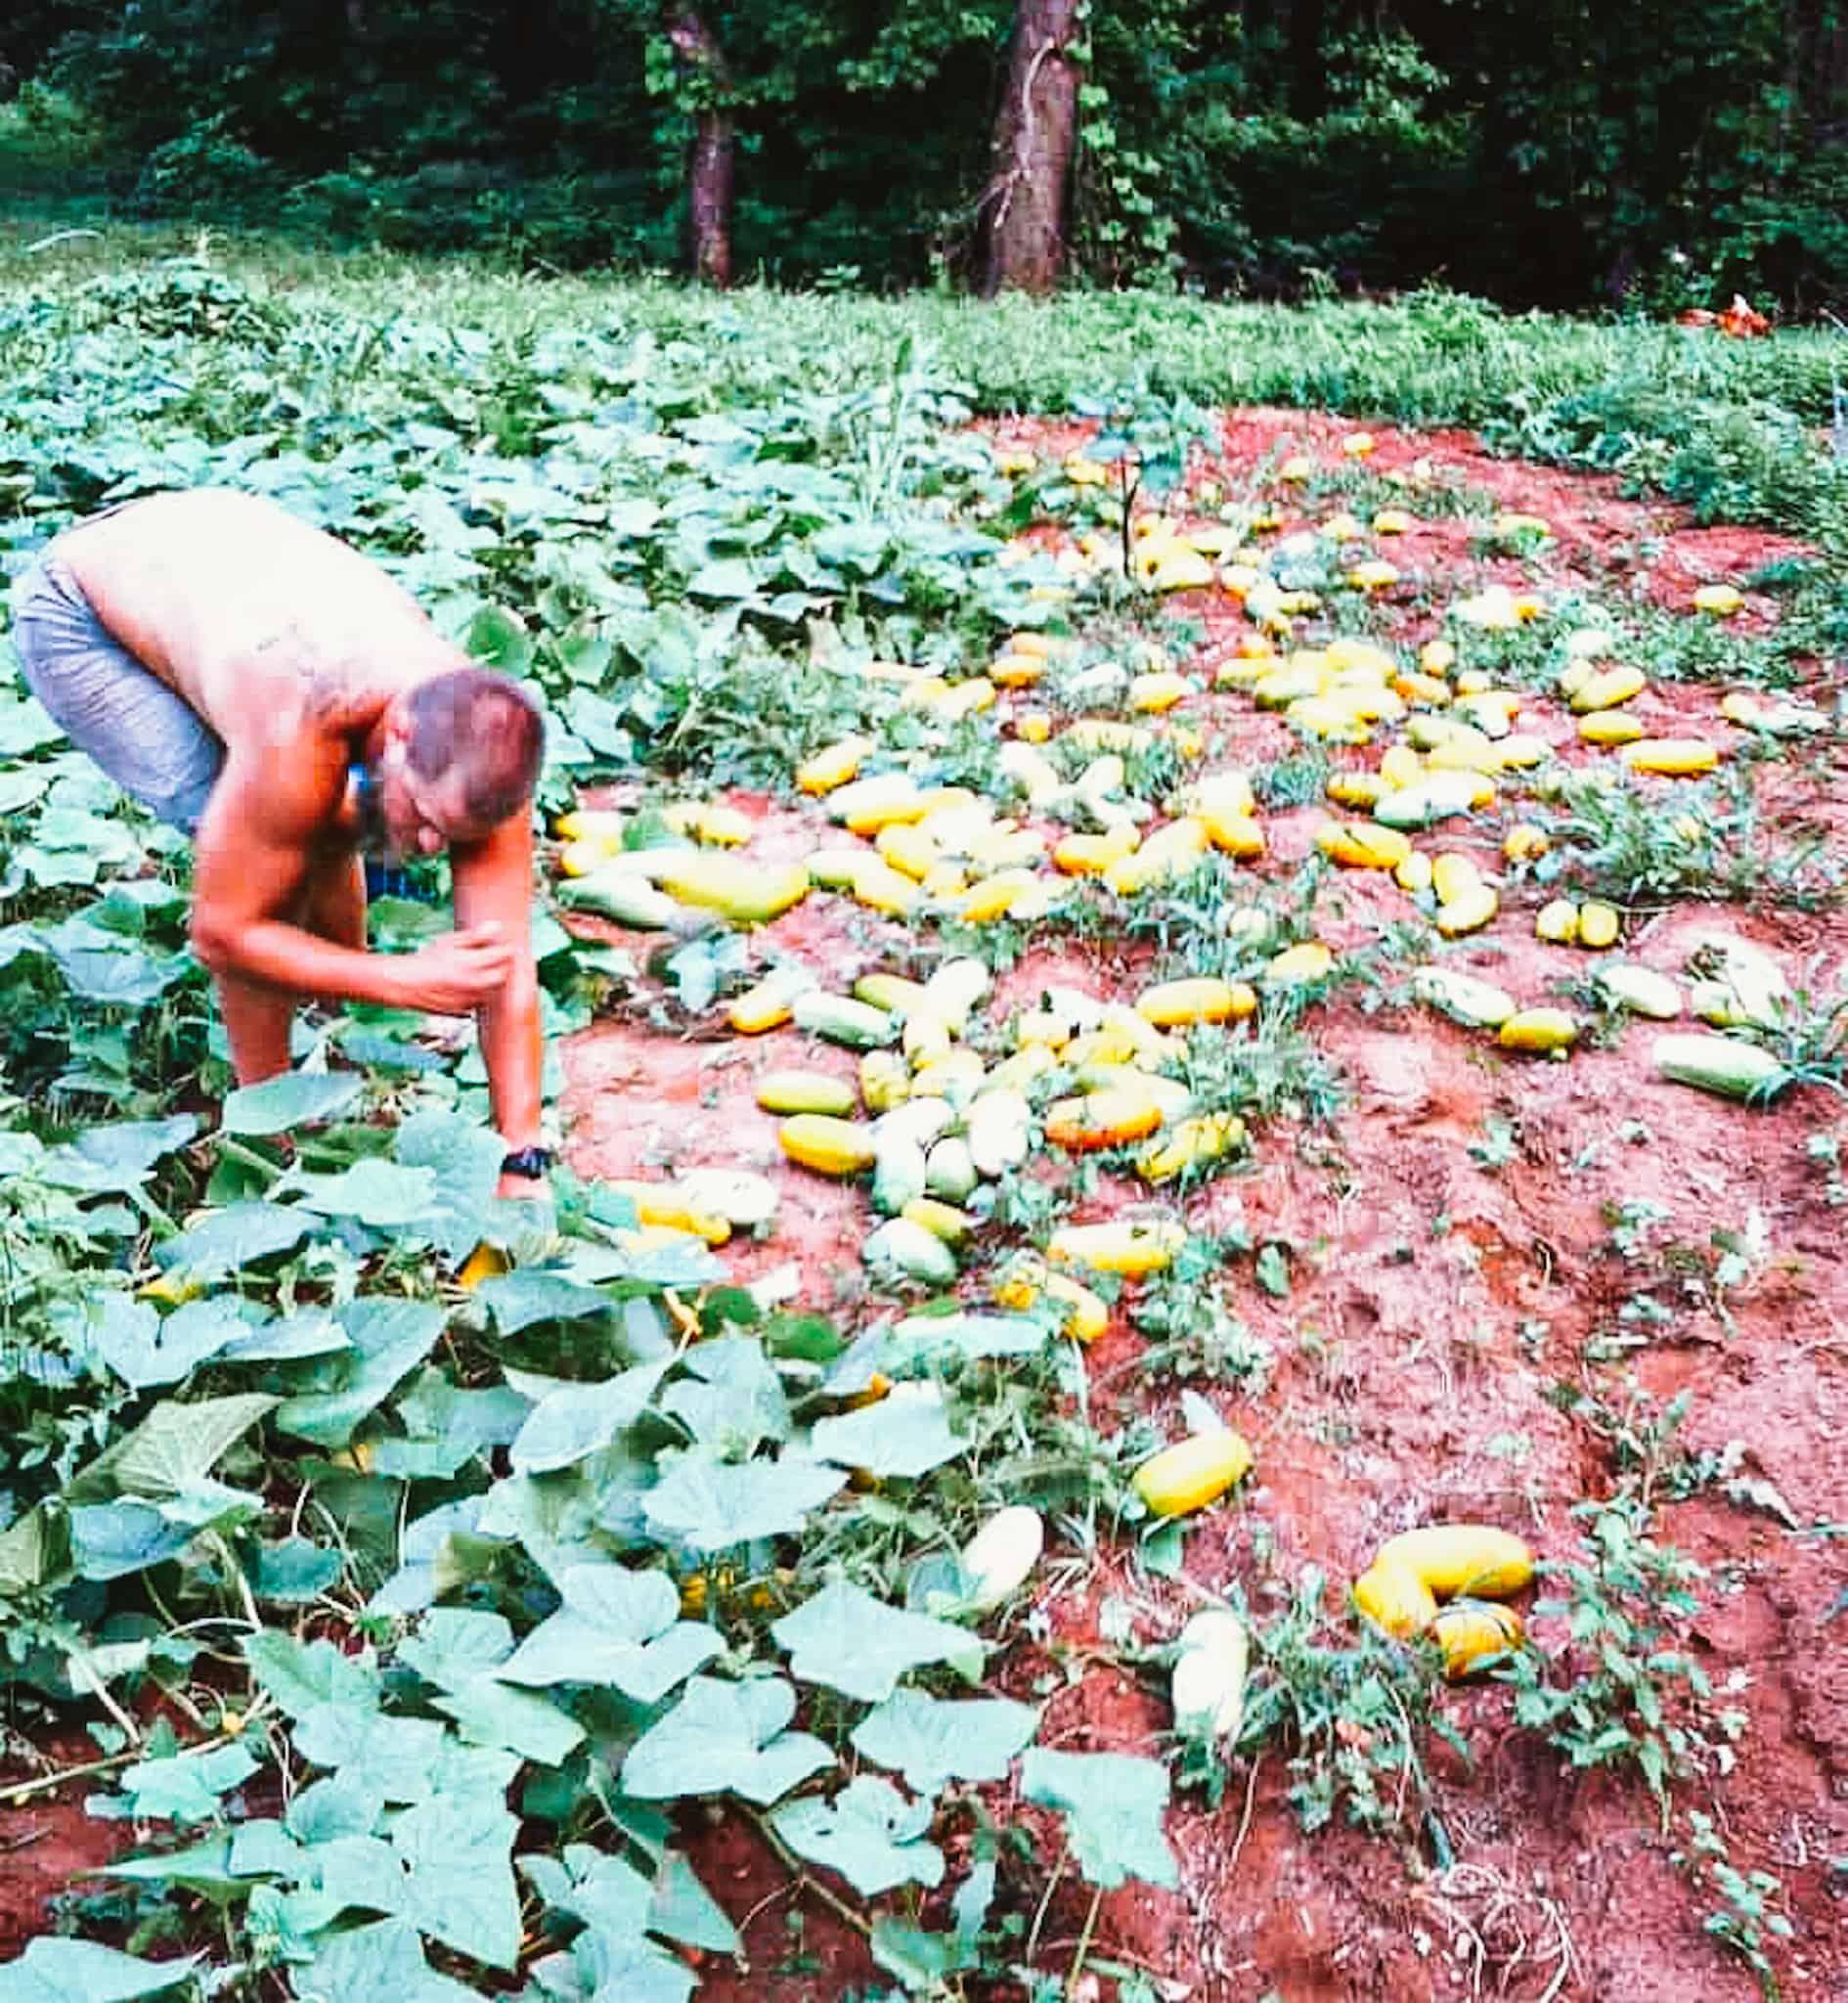 man picking cucumbers